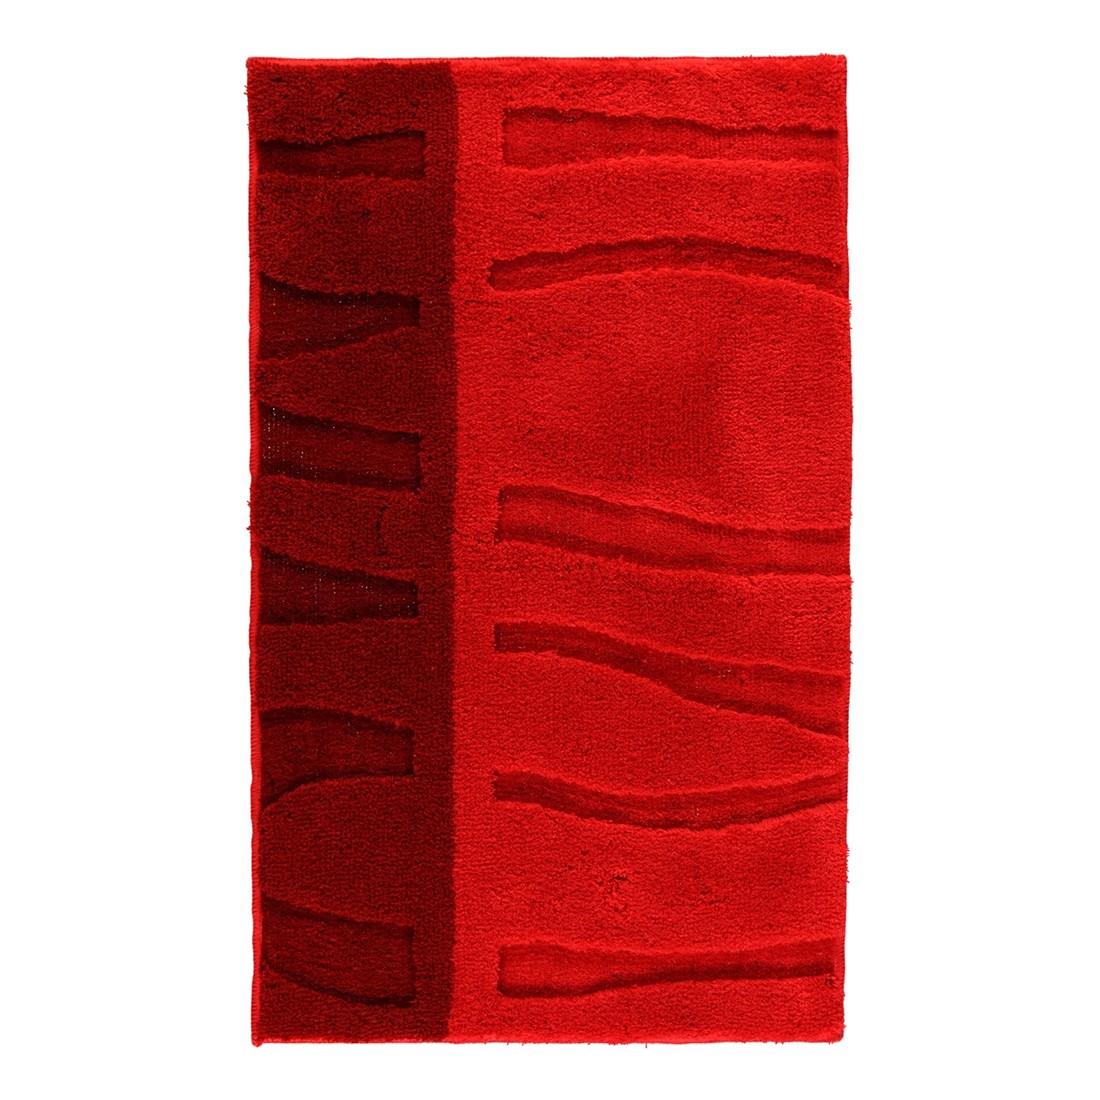 Badteppich Arcadia – 100% Polyacryl Rubin – 453 – Abmessungen: 55×65 cm, Kleine Wolke günstig bestellen